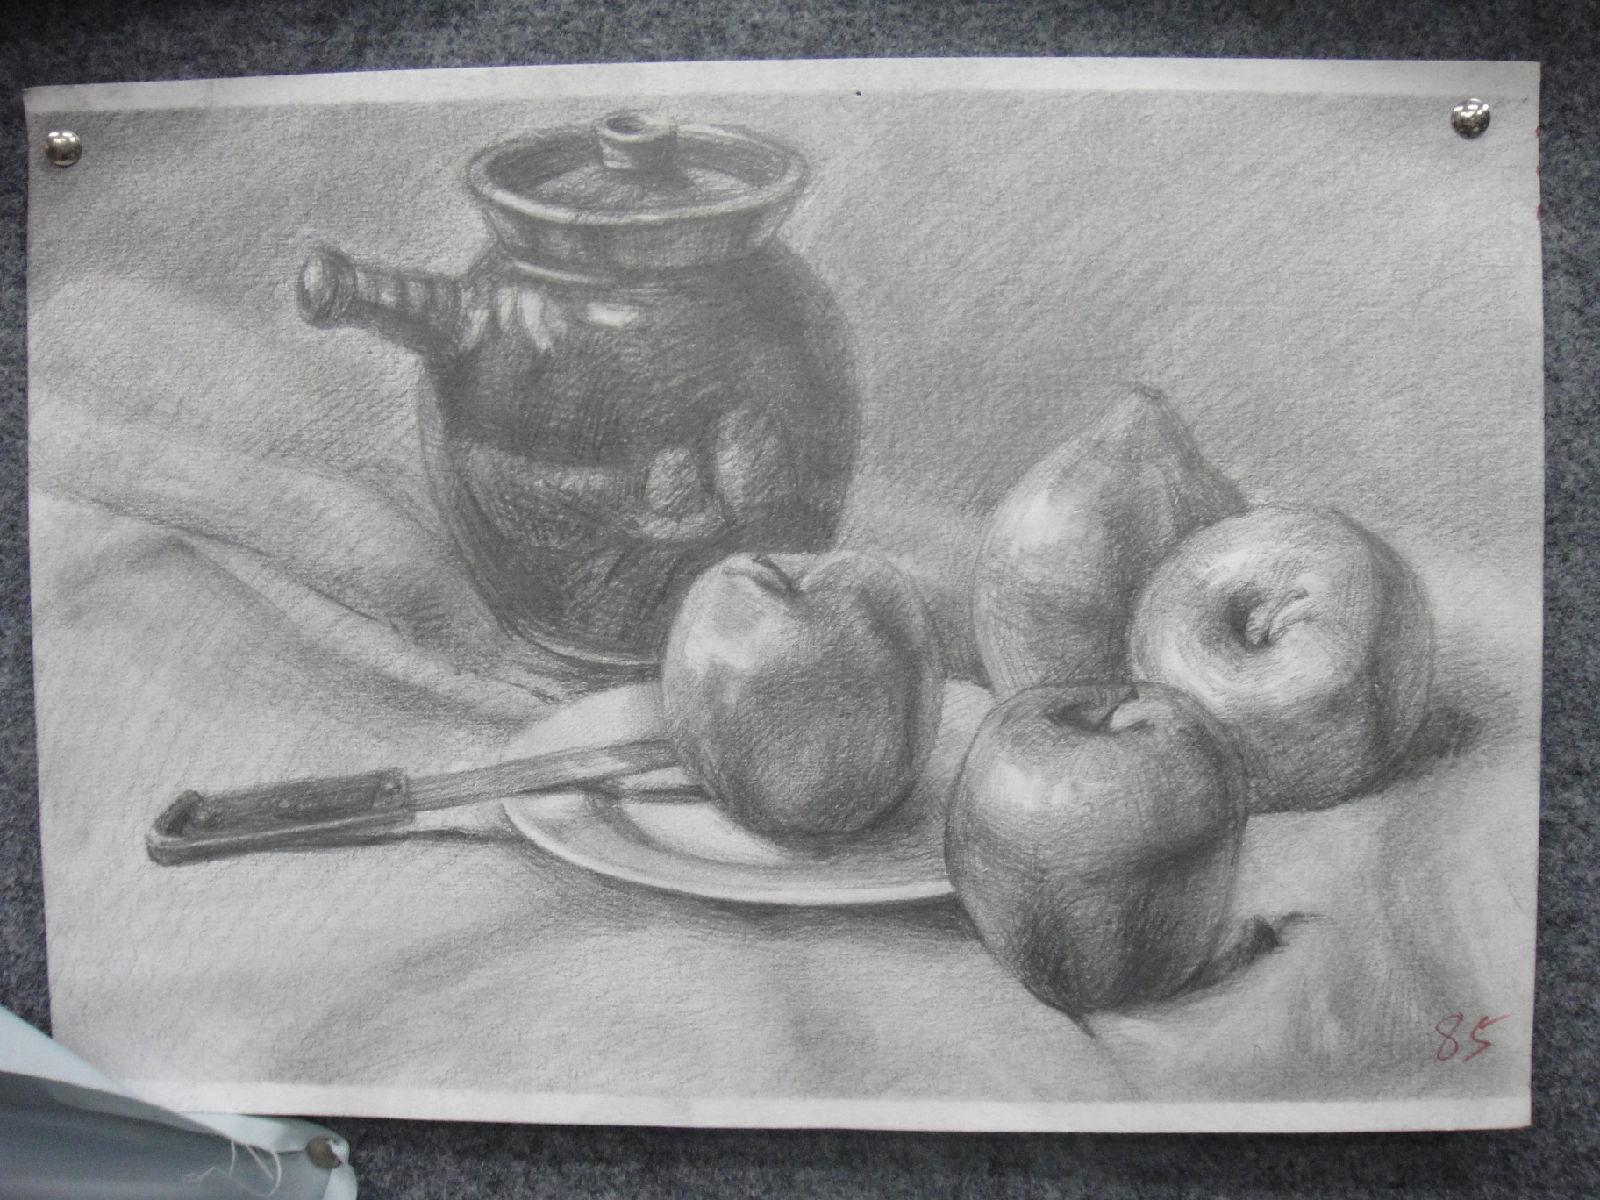 怎样画三个不同姿态的苹果素描的?图片